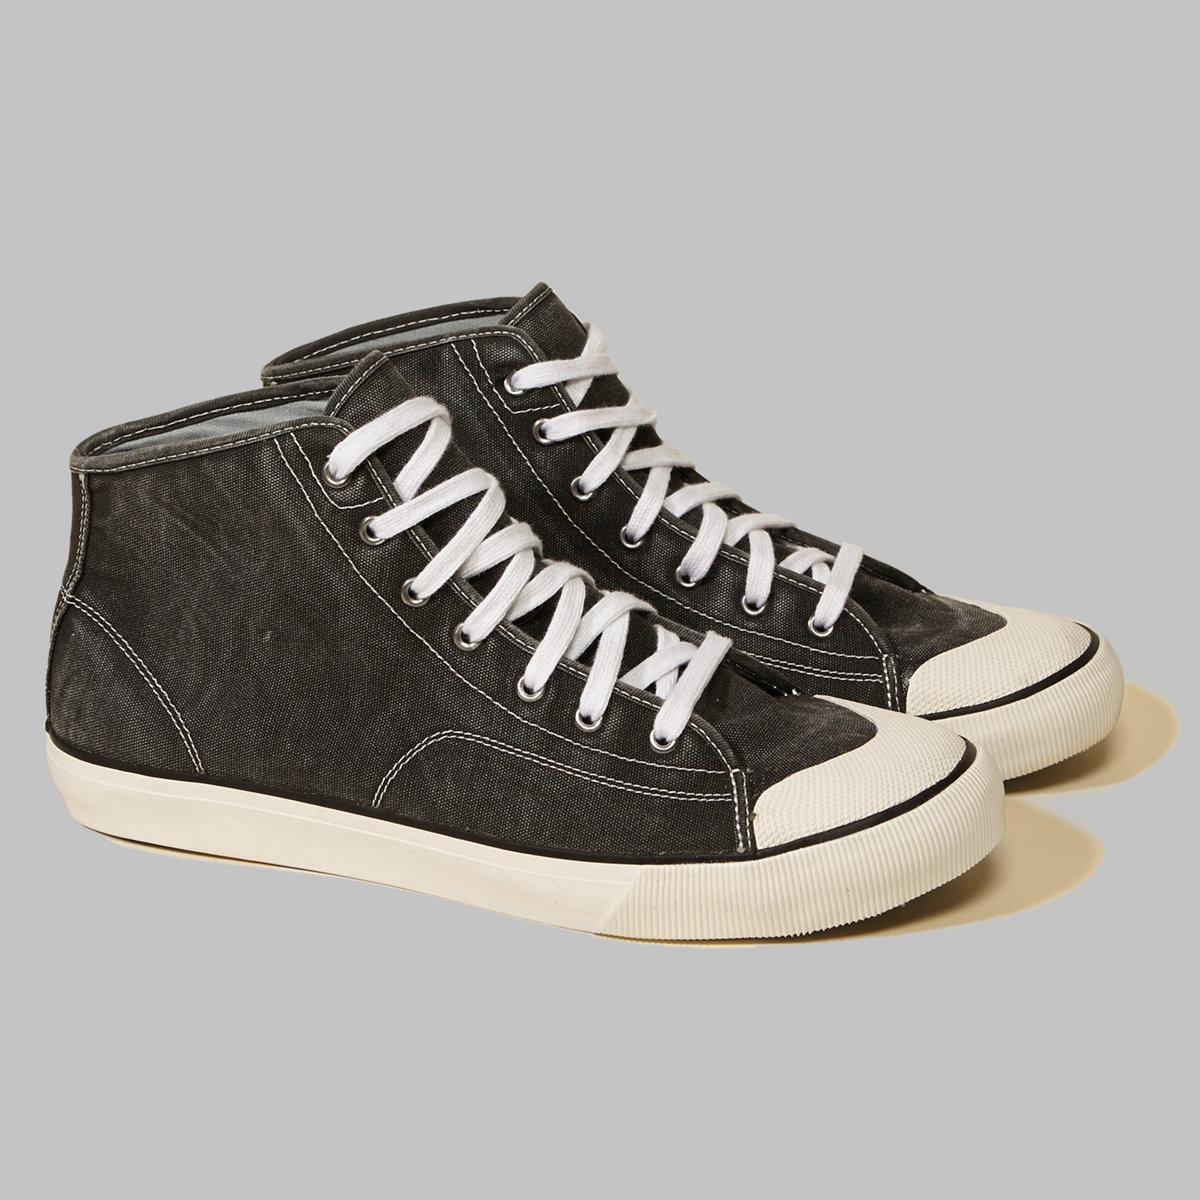 Hollister High Top Sneaker